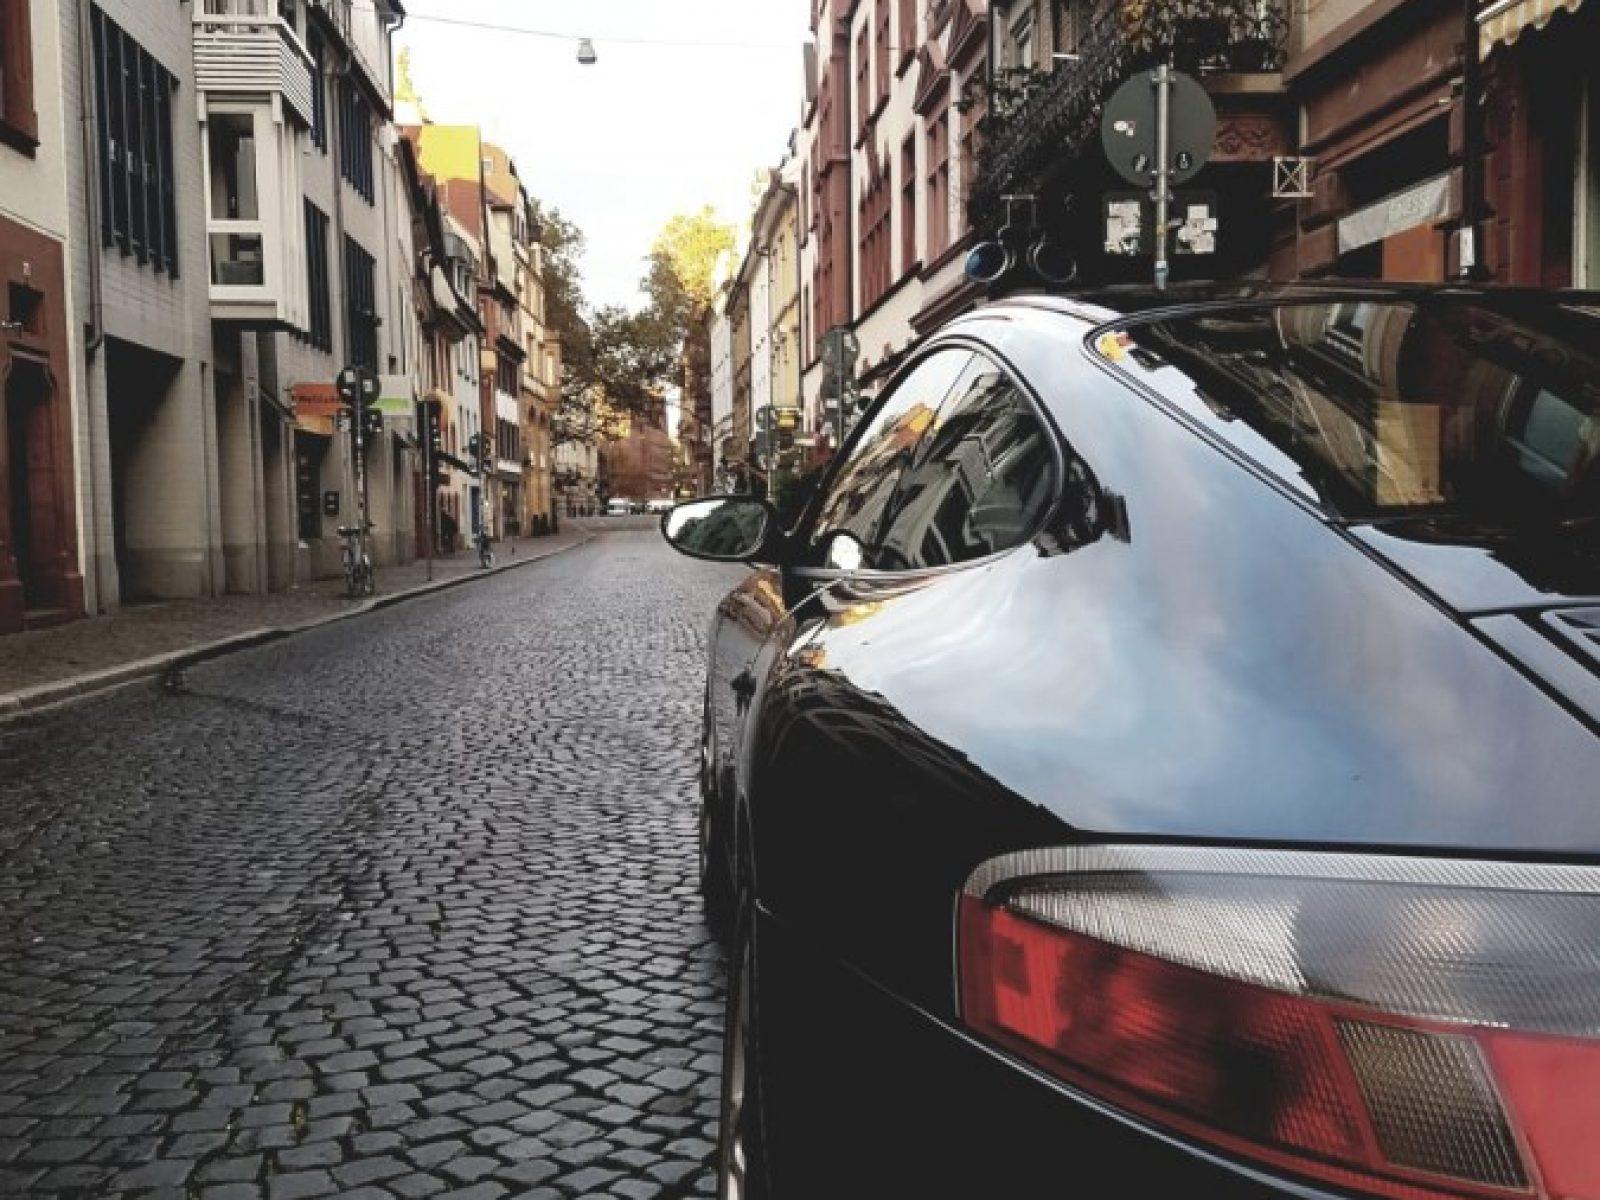 porsche-996-lackiererei-noiosi-freiburg-17